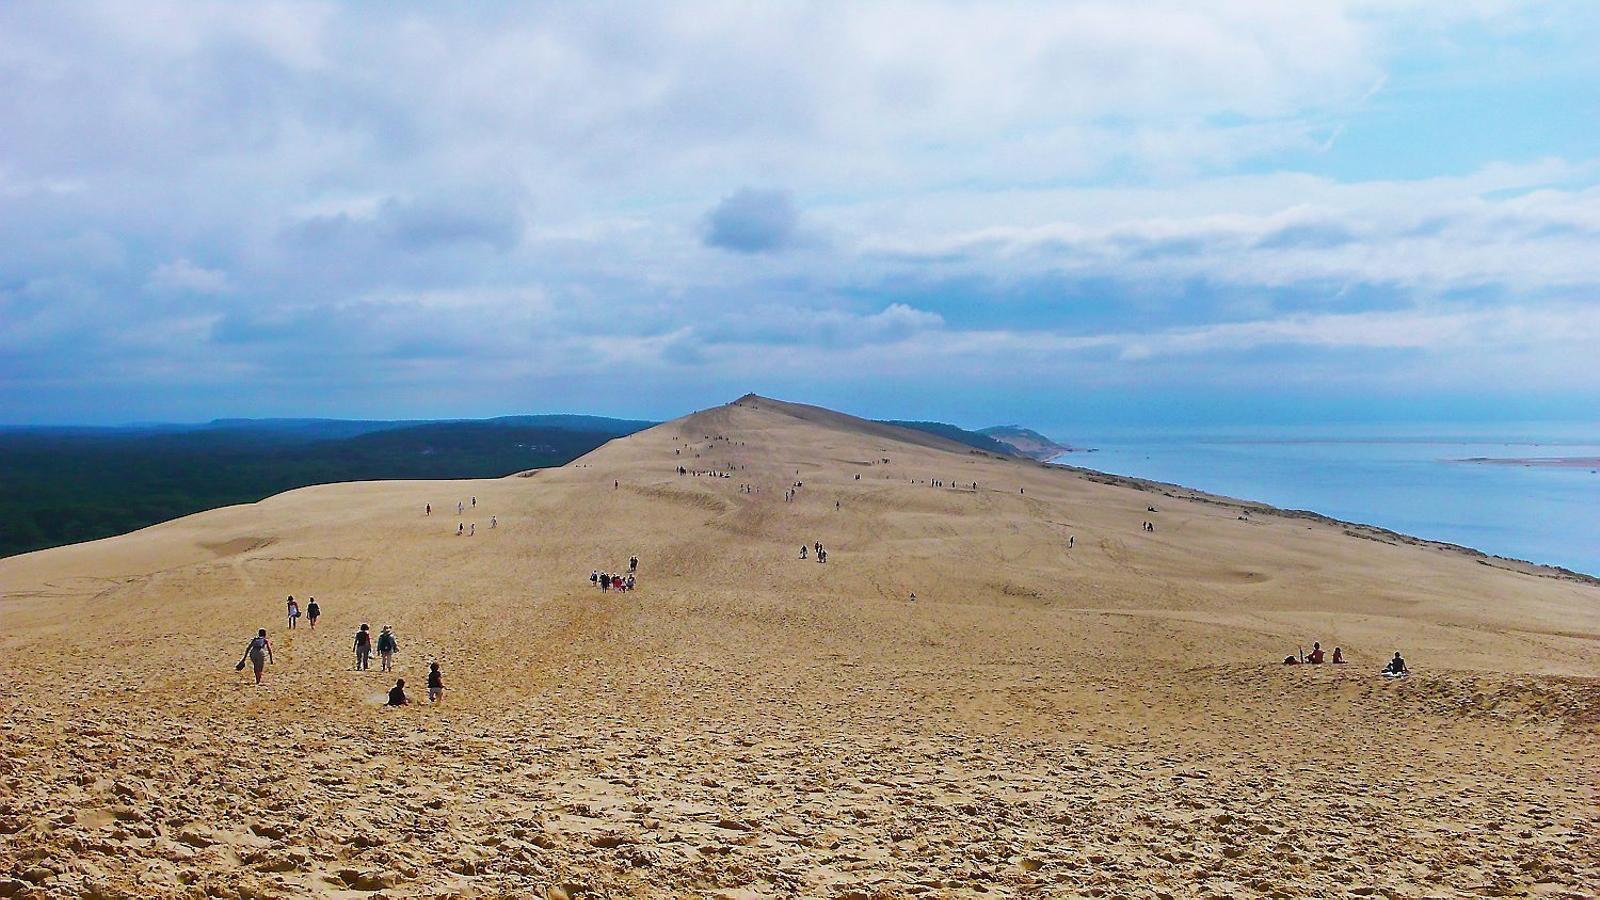 Duna de Pilat  França    Europa La Ròca Blanca,  també coneguda com a  duna de Pilat, s'estén  tres quilòmetres paral·lelament a la costa atlàntica i té una altura  de cent metres.